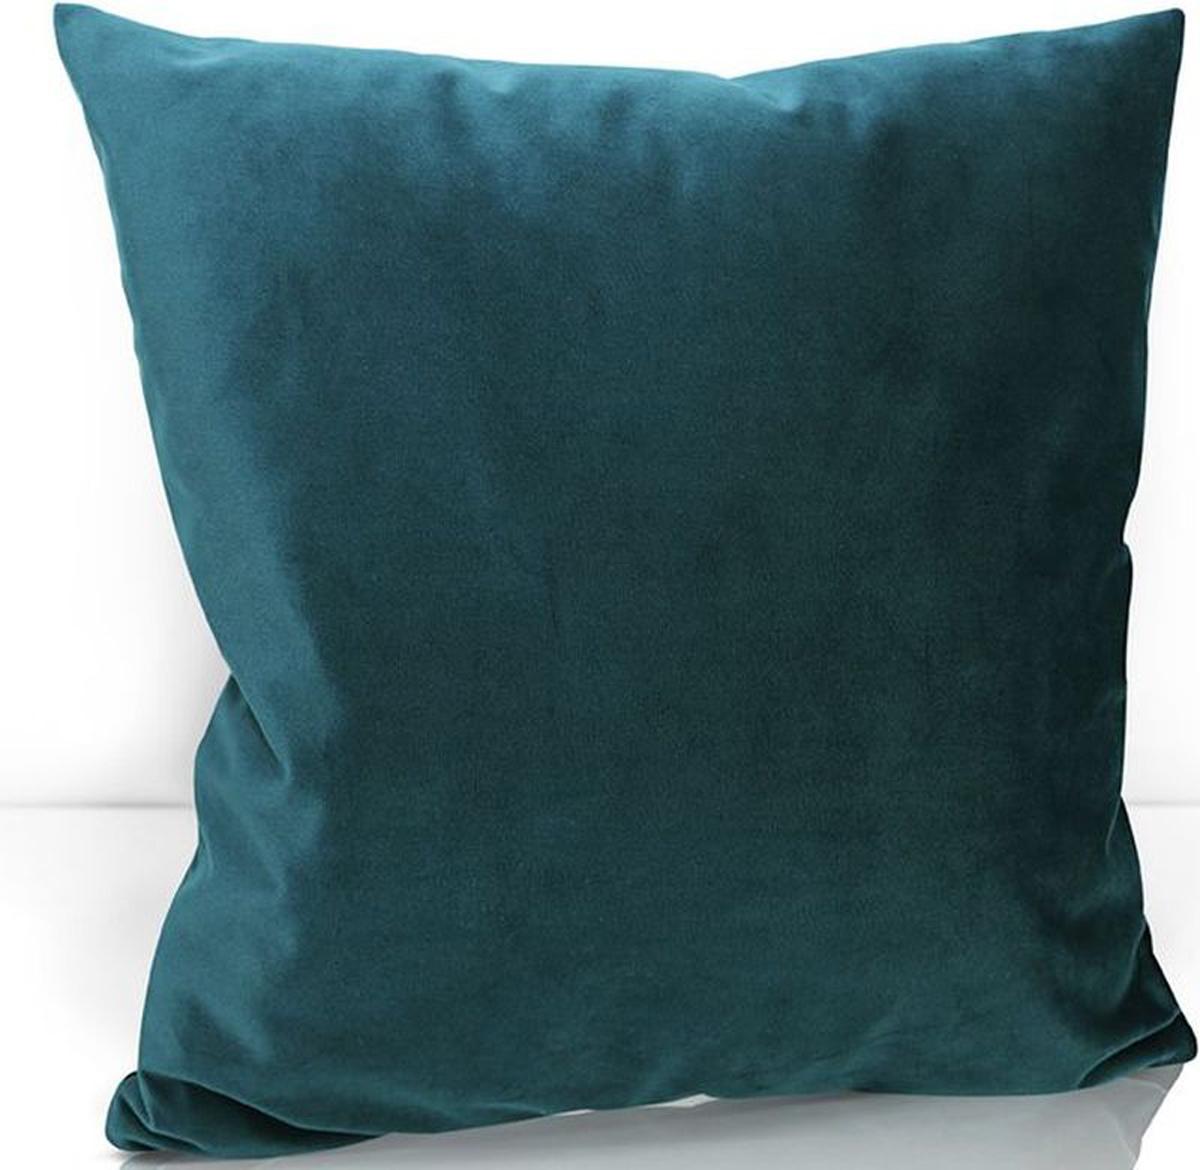 Подушка декоративная KauffOrt Велюр, цвет: синий, 40 х 40 см3122202640Декоративная подушка KauffOrt  прекрасно дополнит интерьер спальни или гостиной. Чехолподушки выполнен из велюра (100% полиэстер). Внутри находится мягкий наполнитель.Чехол легко снимаетсяблагодаря потайной молнии.